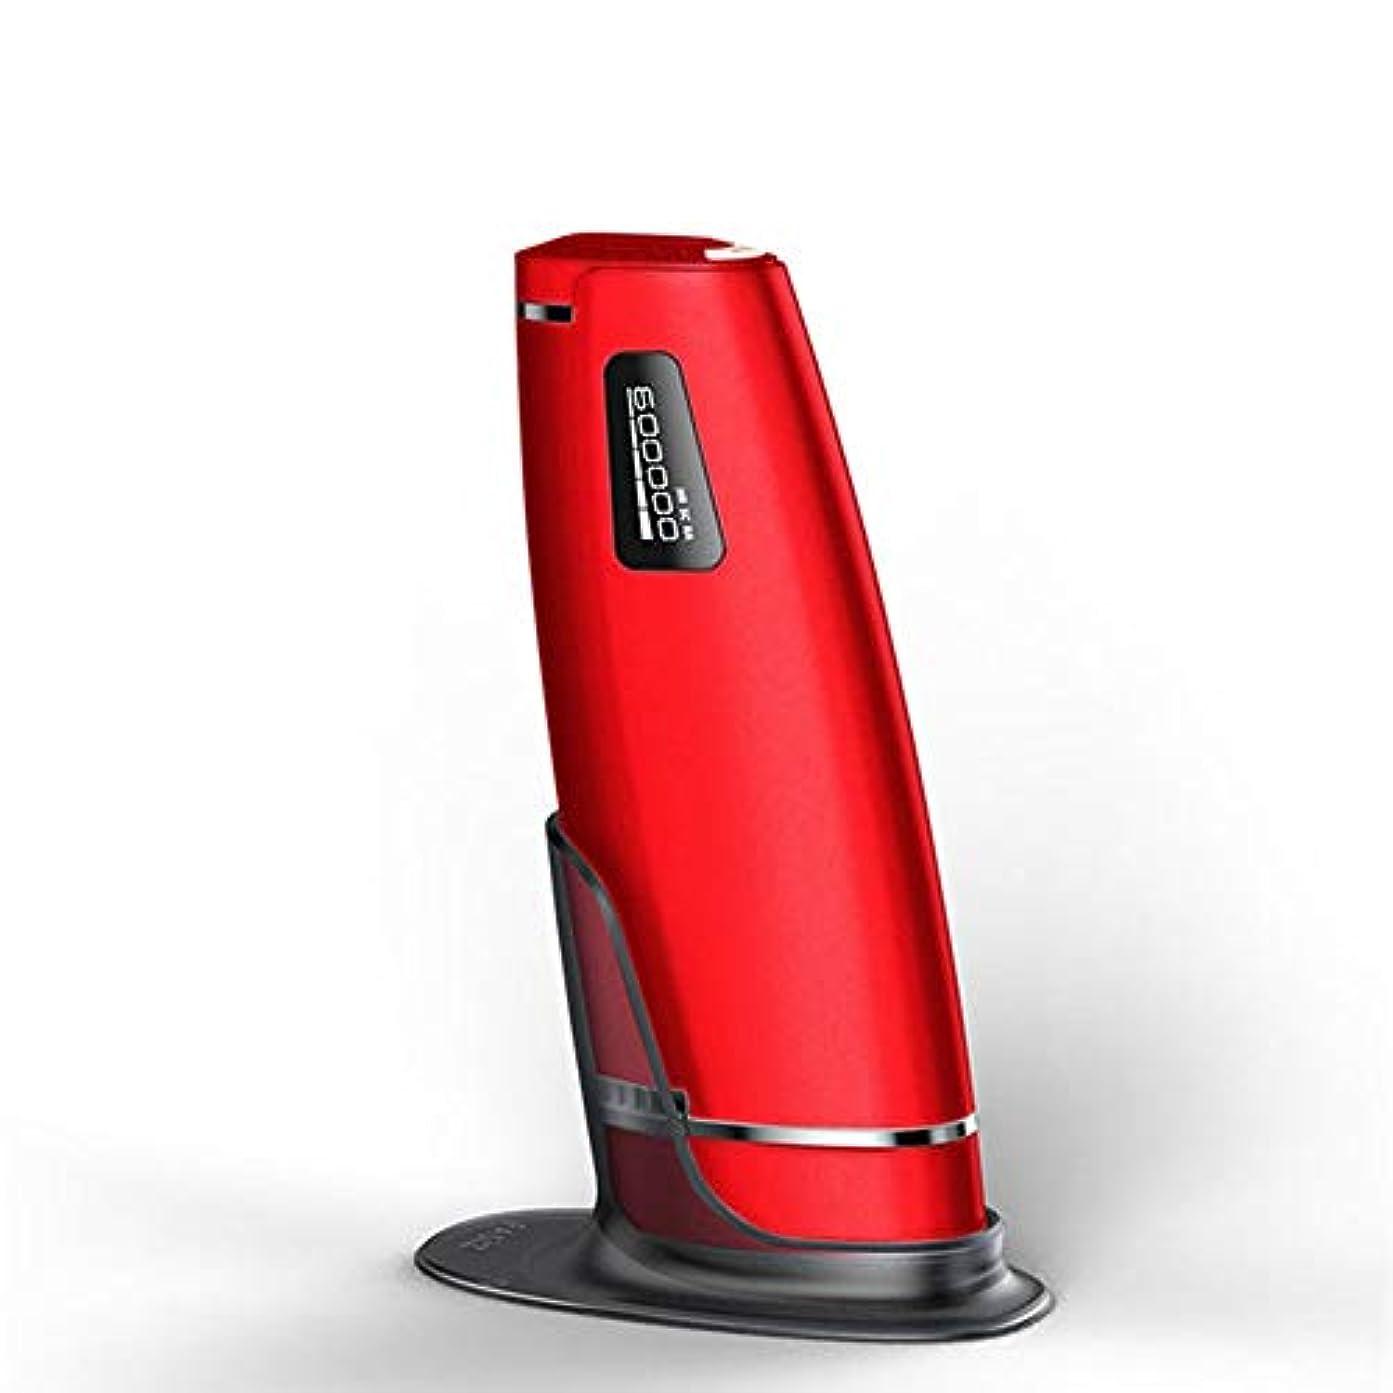 特徴づけるリズミカルな性格ダパイ 赤、デュアルモード、ホームオートマチック無痛脱毛剤、携帯用永久脱毛剤、5スピード調整、サイズ20.5 X 4.5 X 7 Cm U546 (Color : Red)